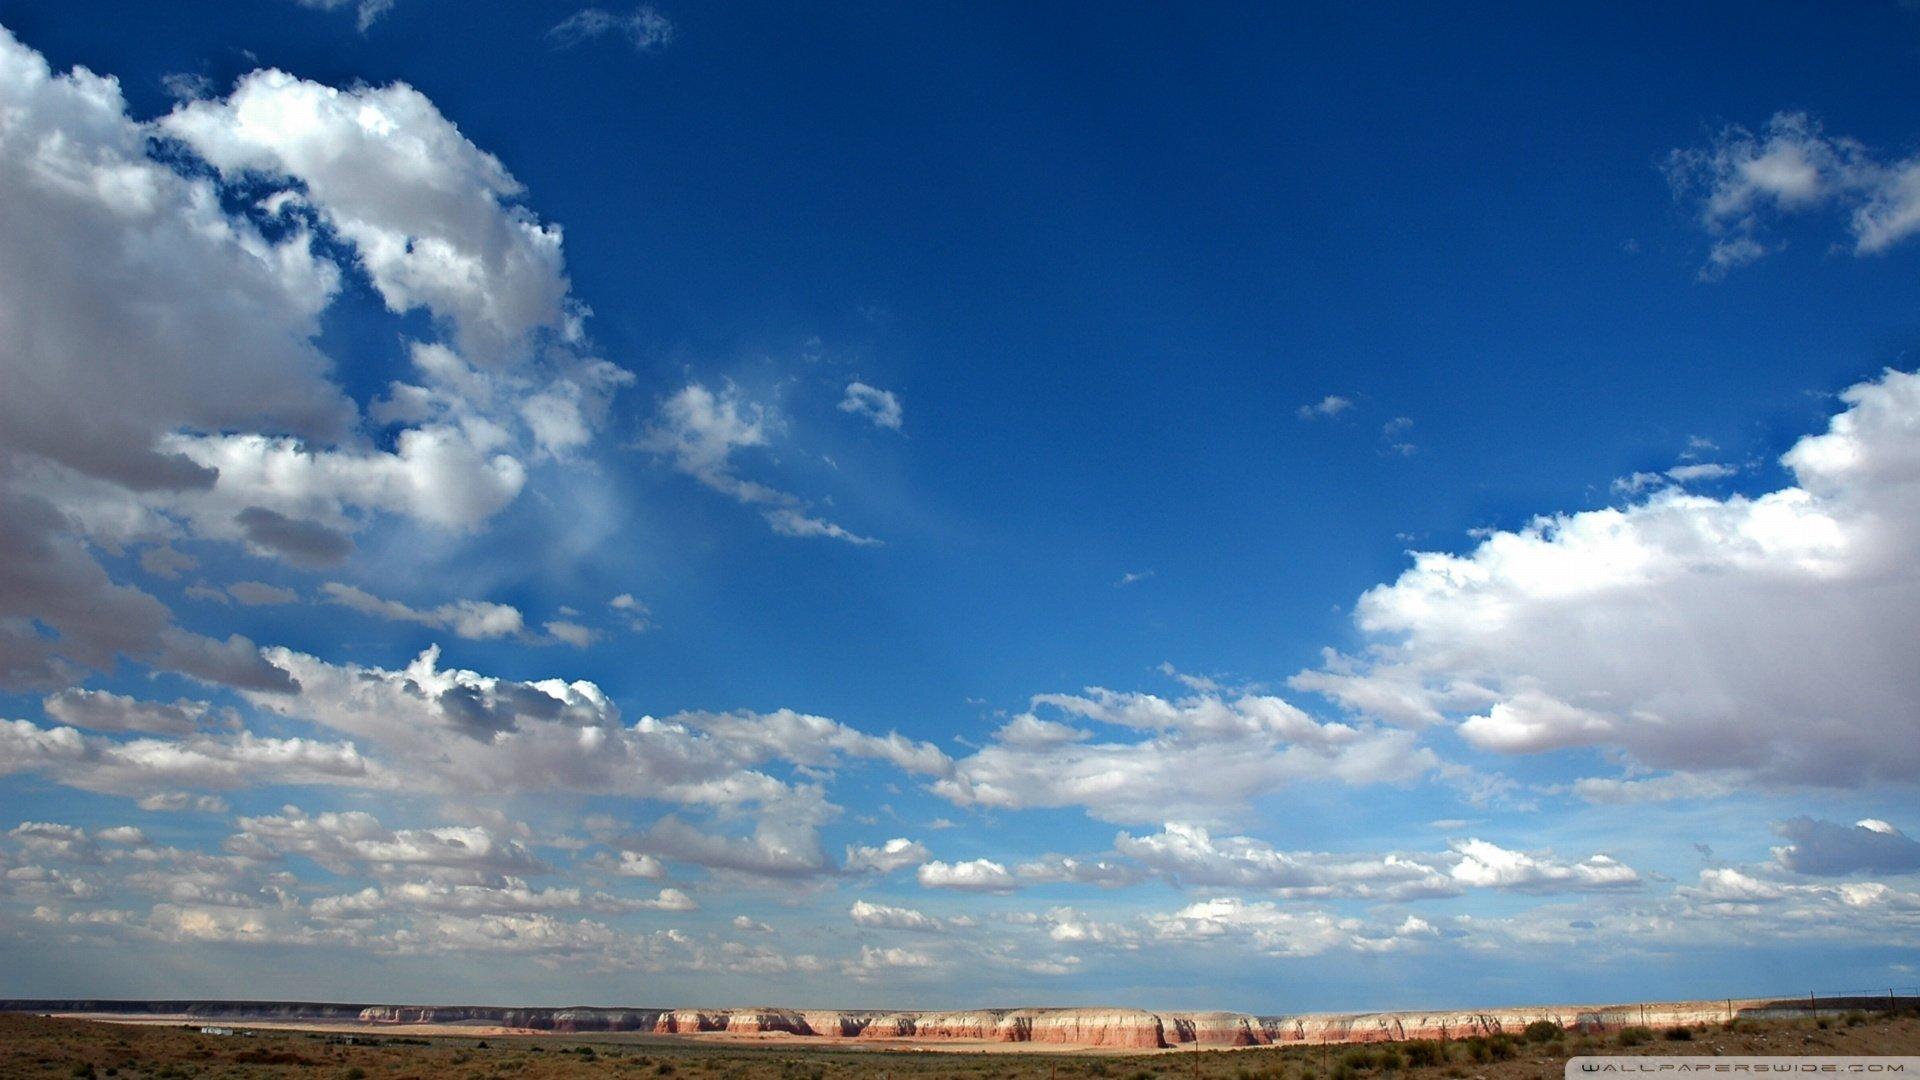 Clouds In Blue Sky 3 Wallpaper 1920x1080 Clouds In Blue Sky 3 1920x1080